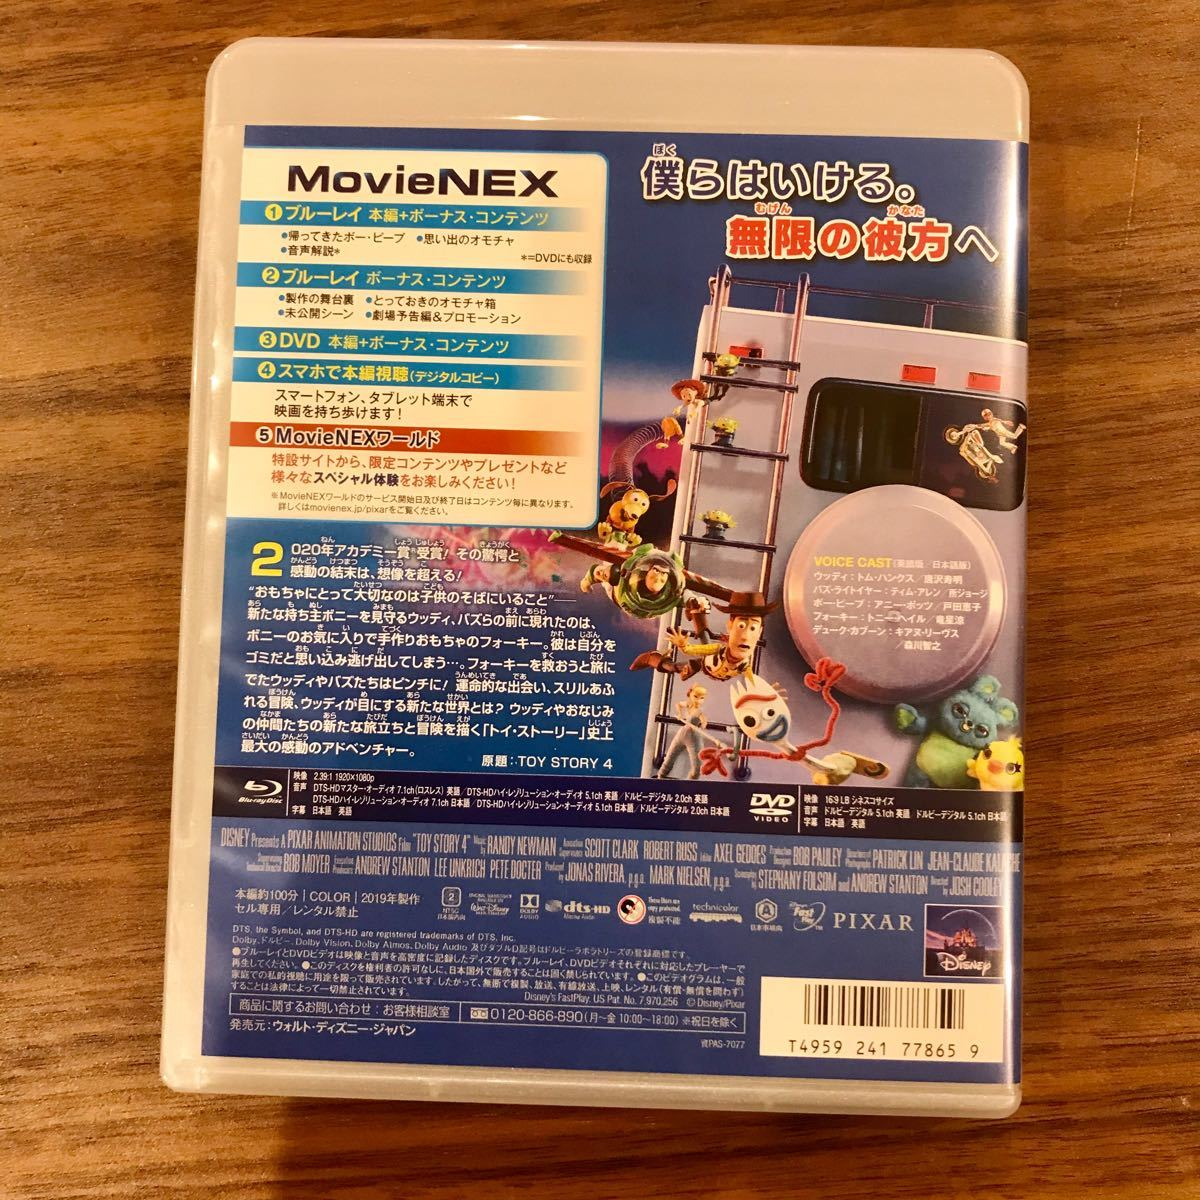 トイストーリー4 ブルーレイ、純正ケース、限定アウターケース、MOVIENEXマジックコード付き 日本正規版 新品未再生